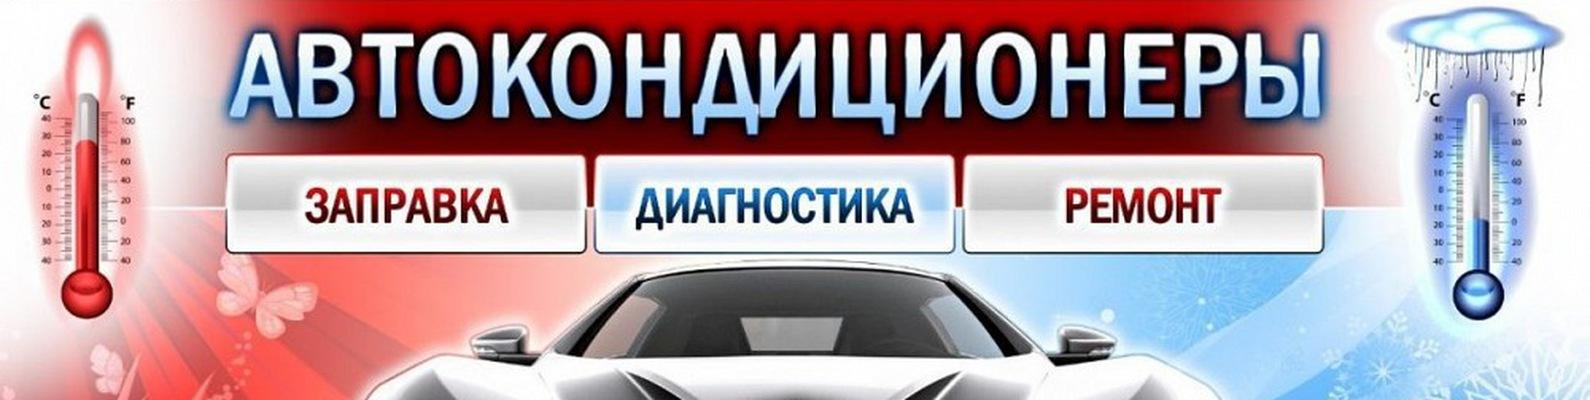 Ремонт автокондиционеров в новосибирске